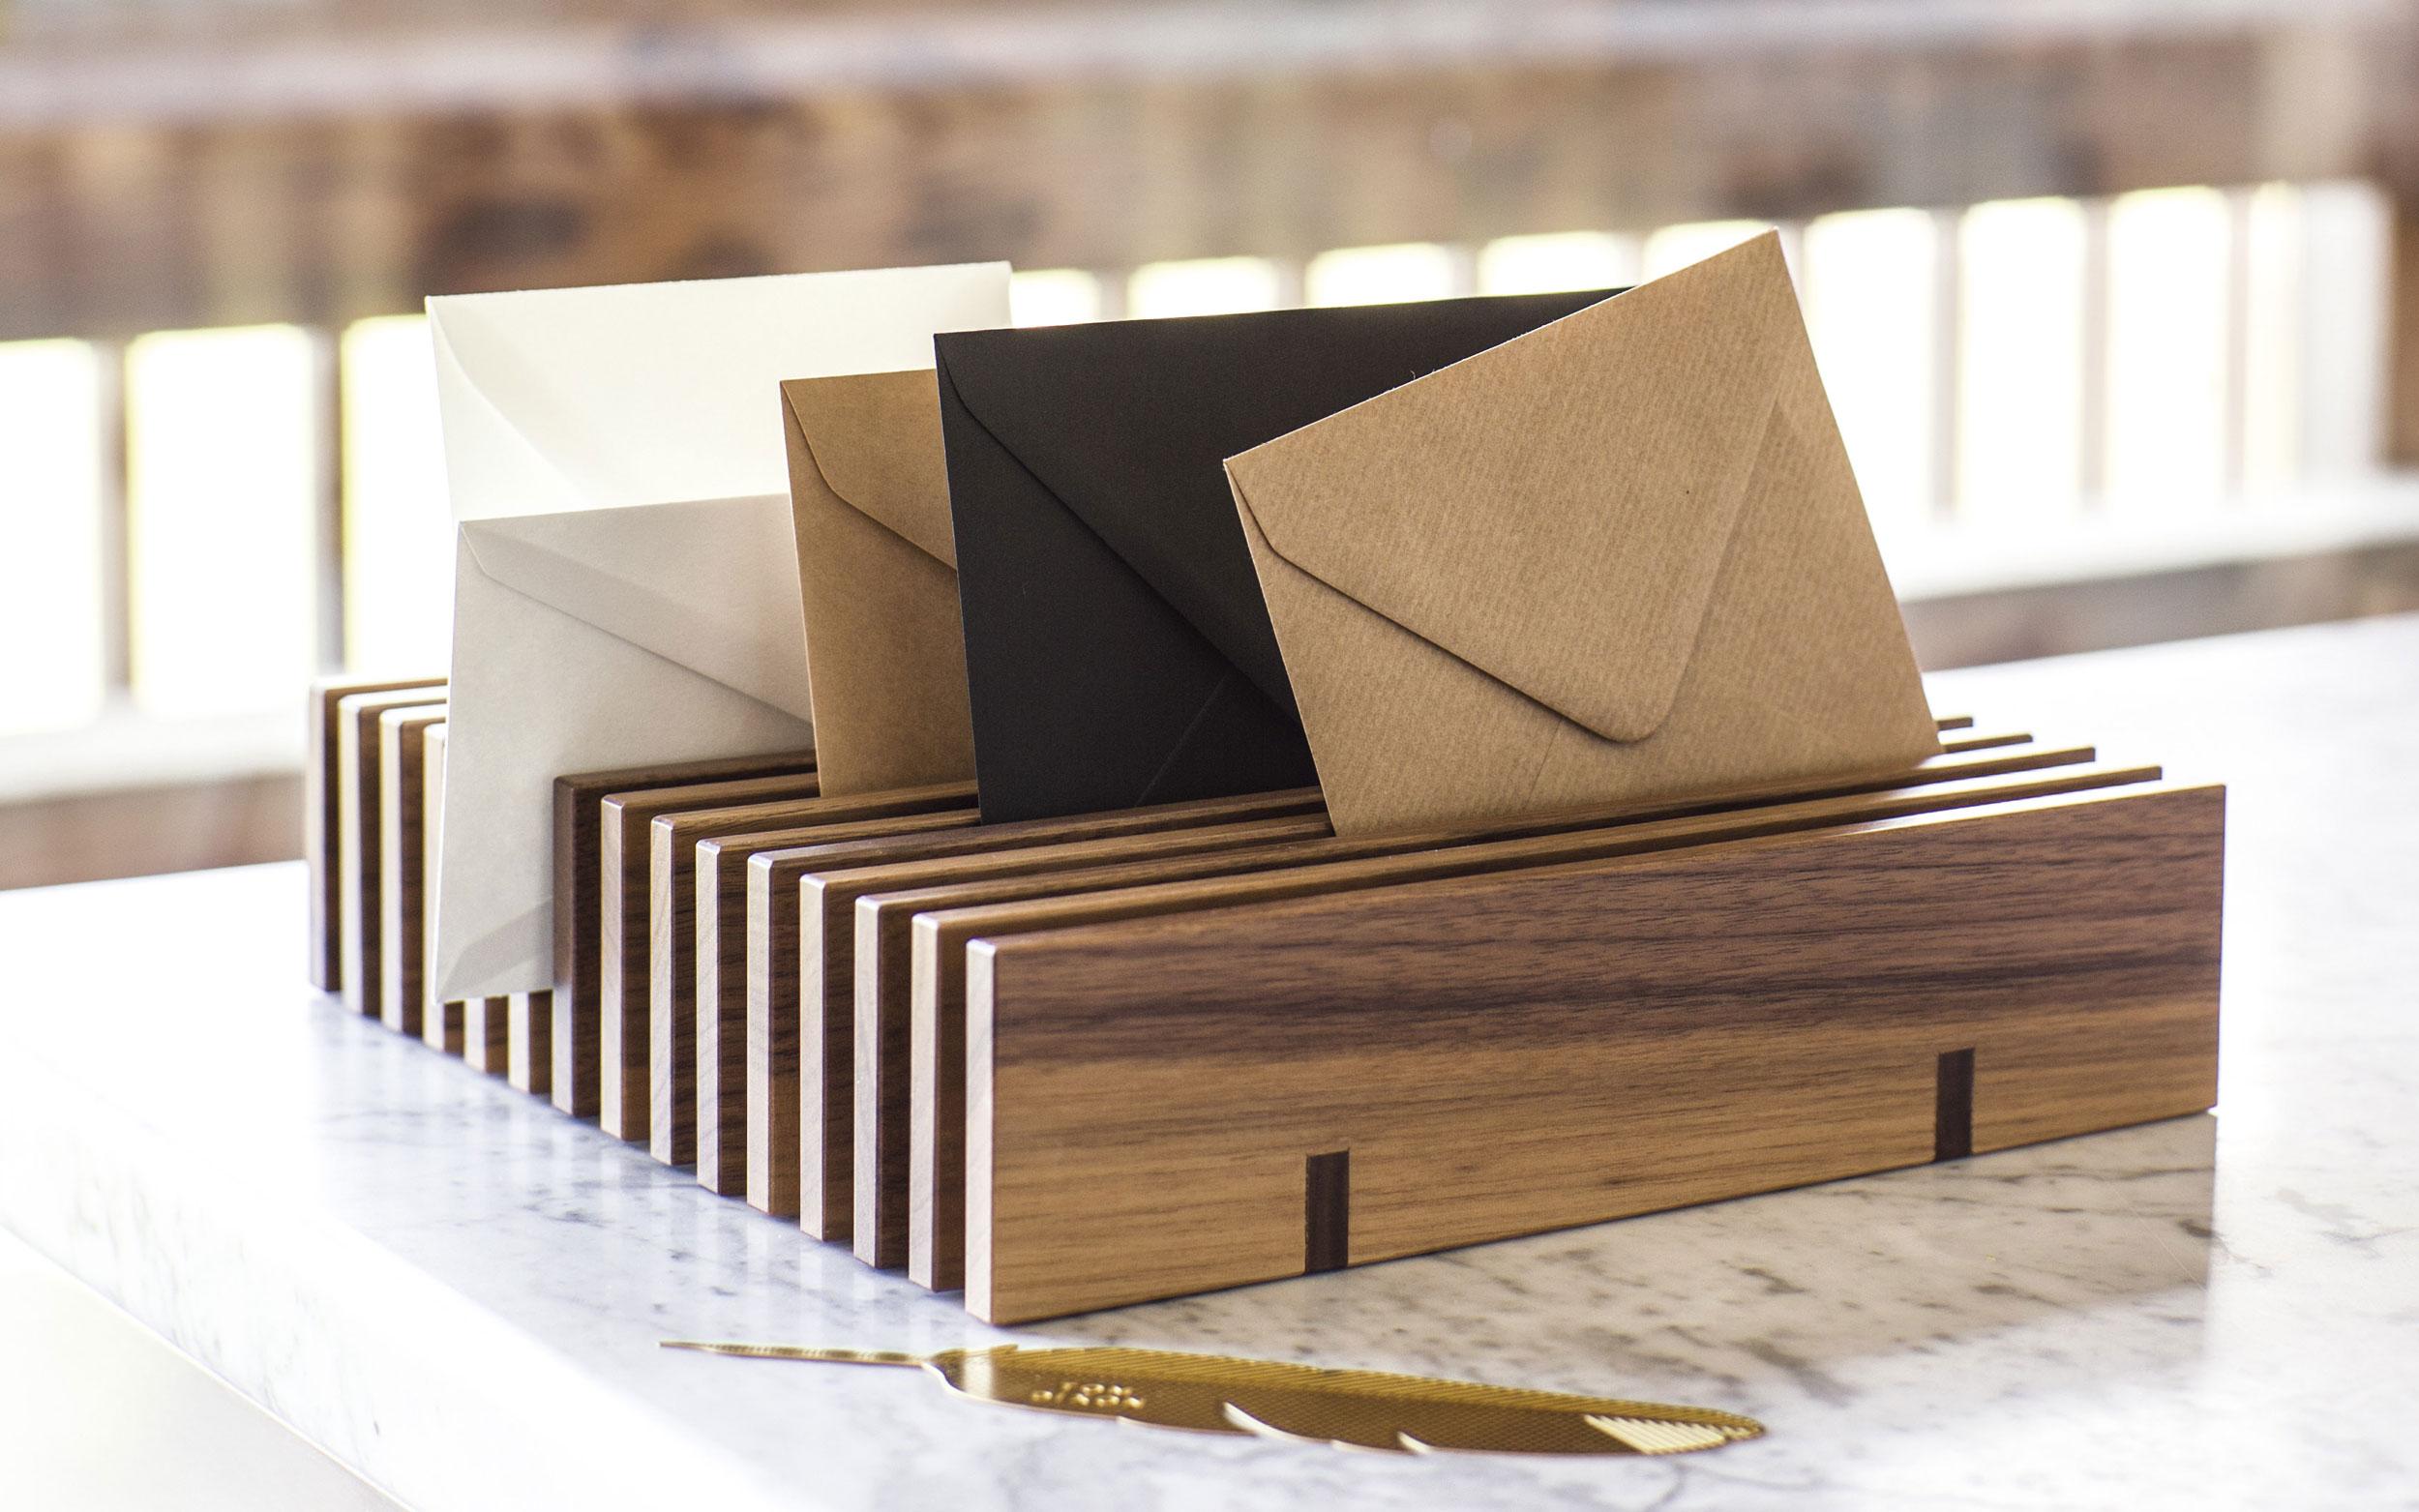 hesperide accessoires von sch nbuch attraktive ordnungshilfen und edle eyecatcher. Black Bedroom Furniture Sets. Home Design Ideas